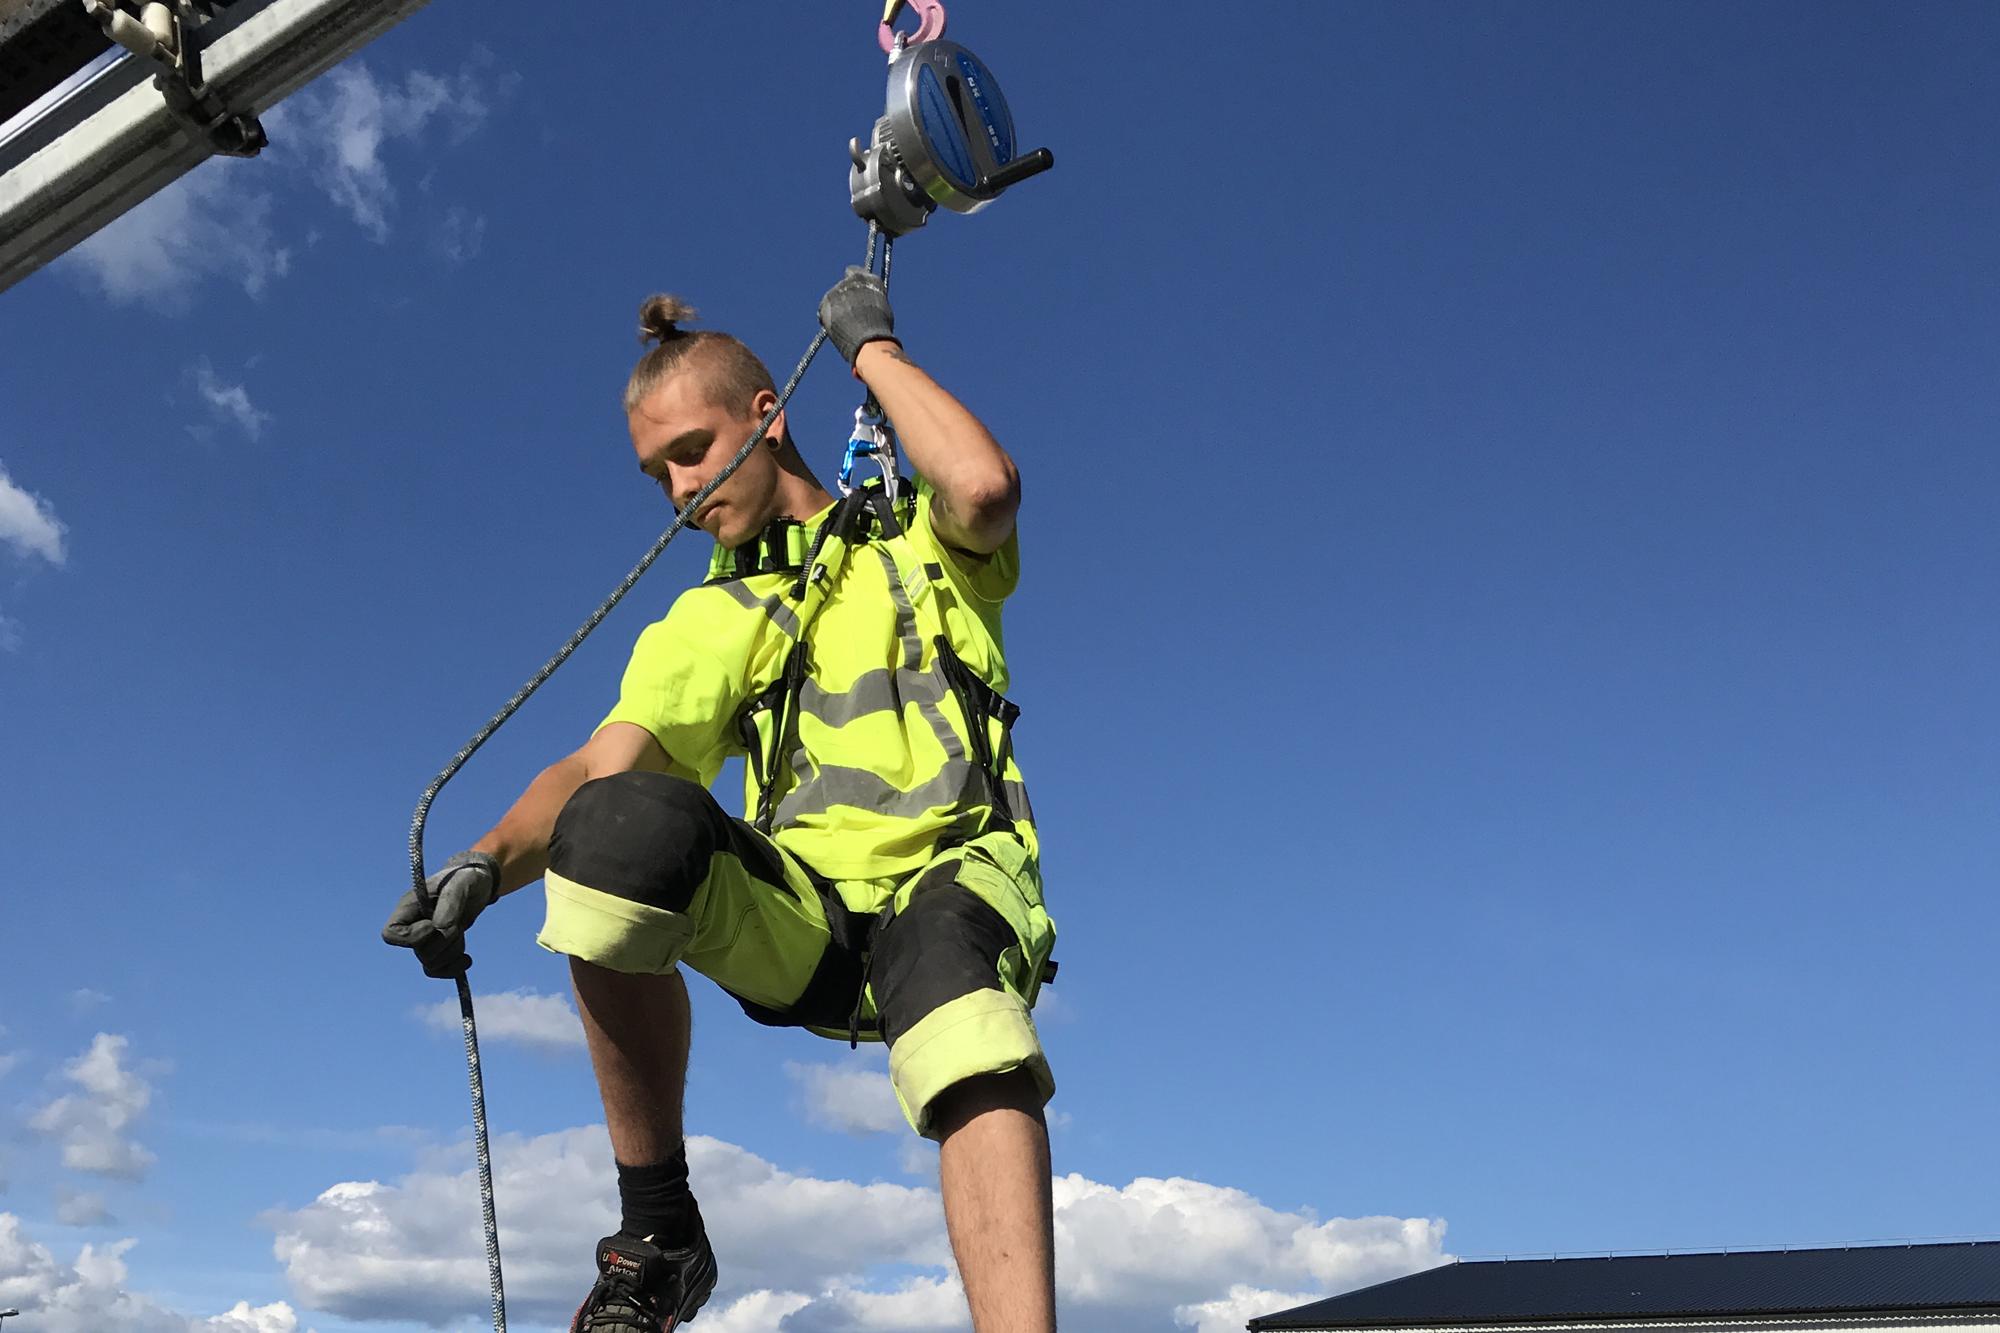 Vad säger lagen om fallskydd?